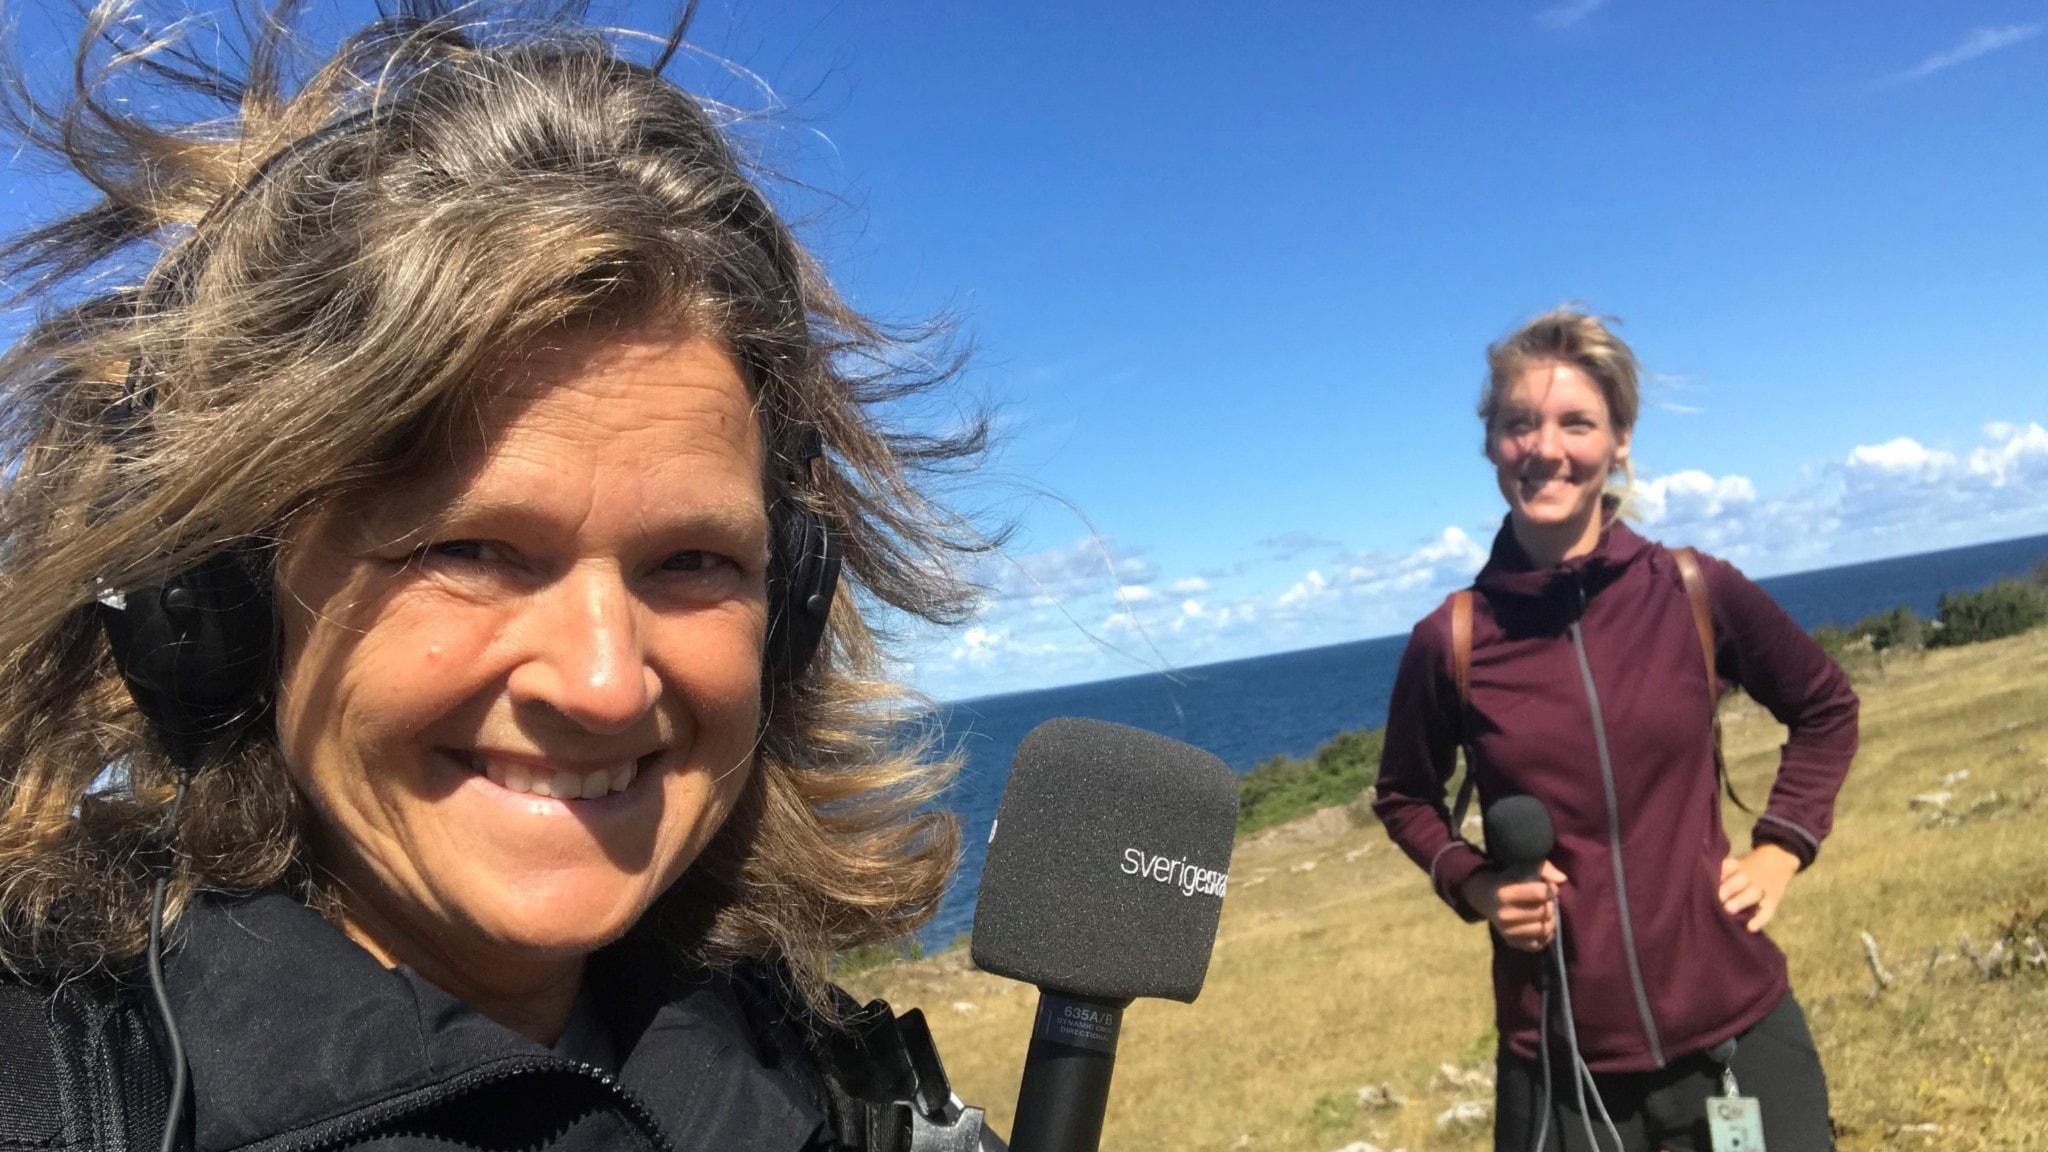 Närbild av reporter Maria med mikrofonen i högsta hugg. I bakgrunden Frida i vinröd fleece. Och så det mörkblå havet.